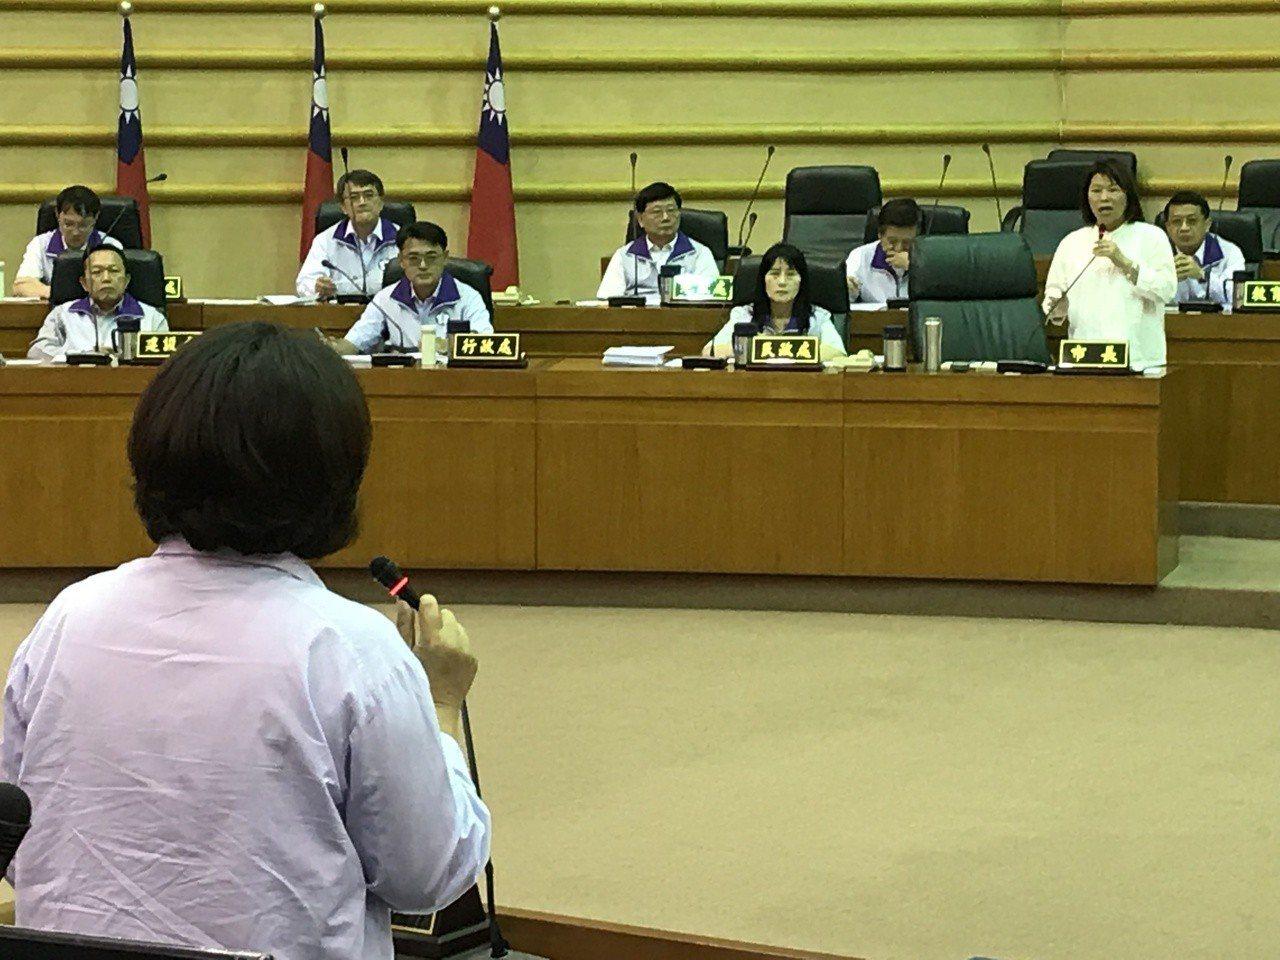 嘉義市議會今天專題討論鐵路高架化,嘉義市長黃敏惠(右一)接受議員們質詢,她強調為...